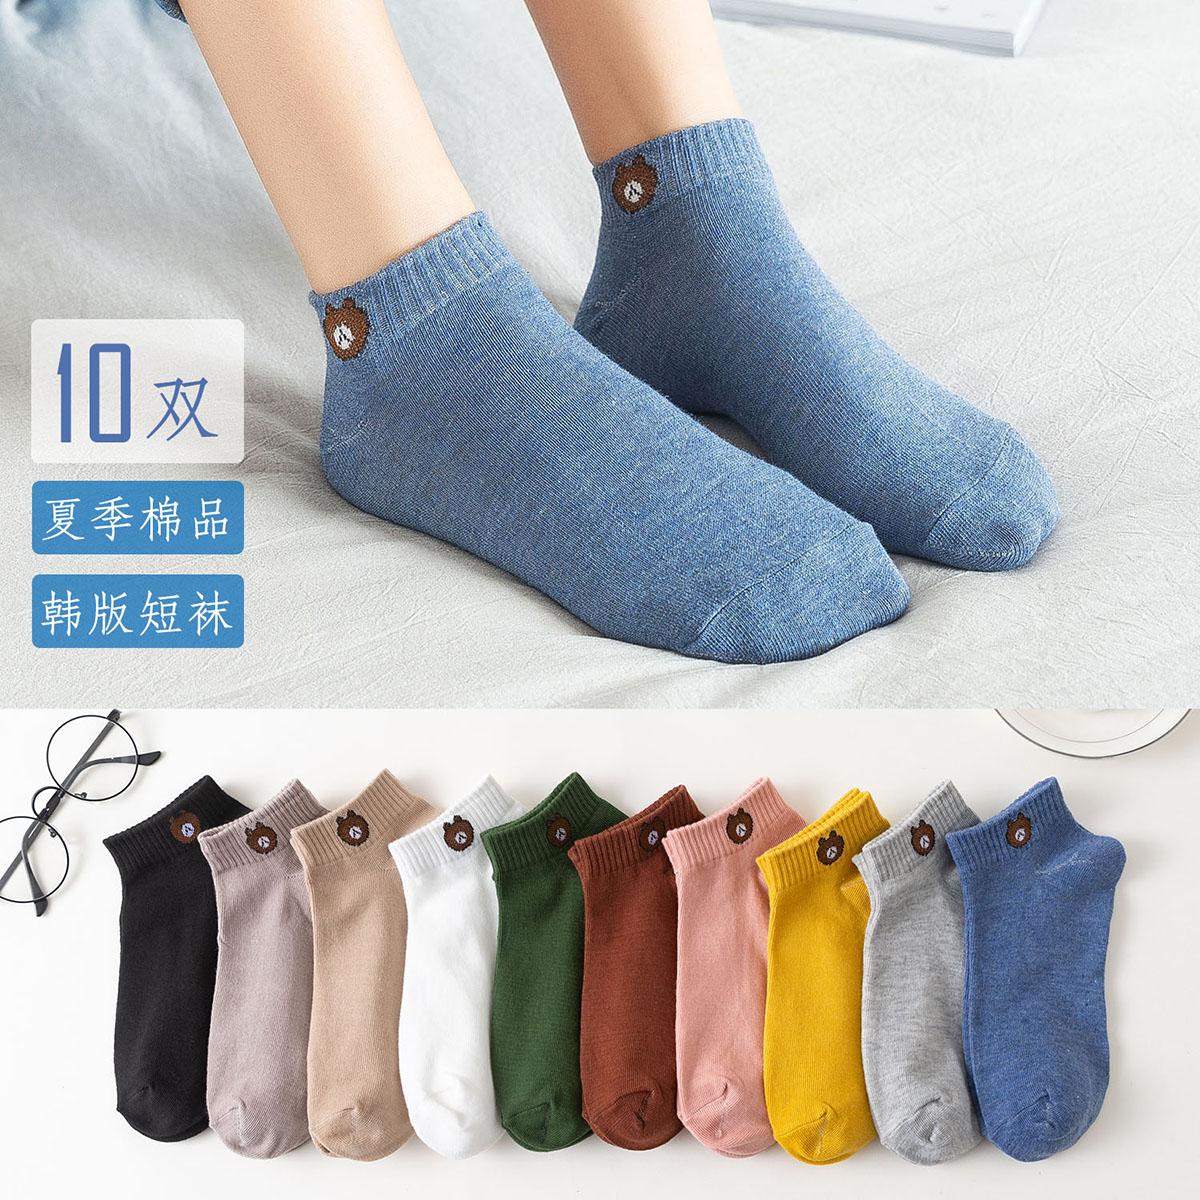 夏季薄款浅口日系ulzzang可爱双韩版短袜纯棉船袜女袜子潮低帮10